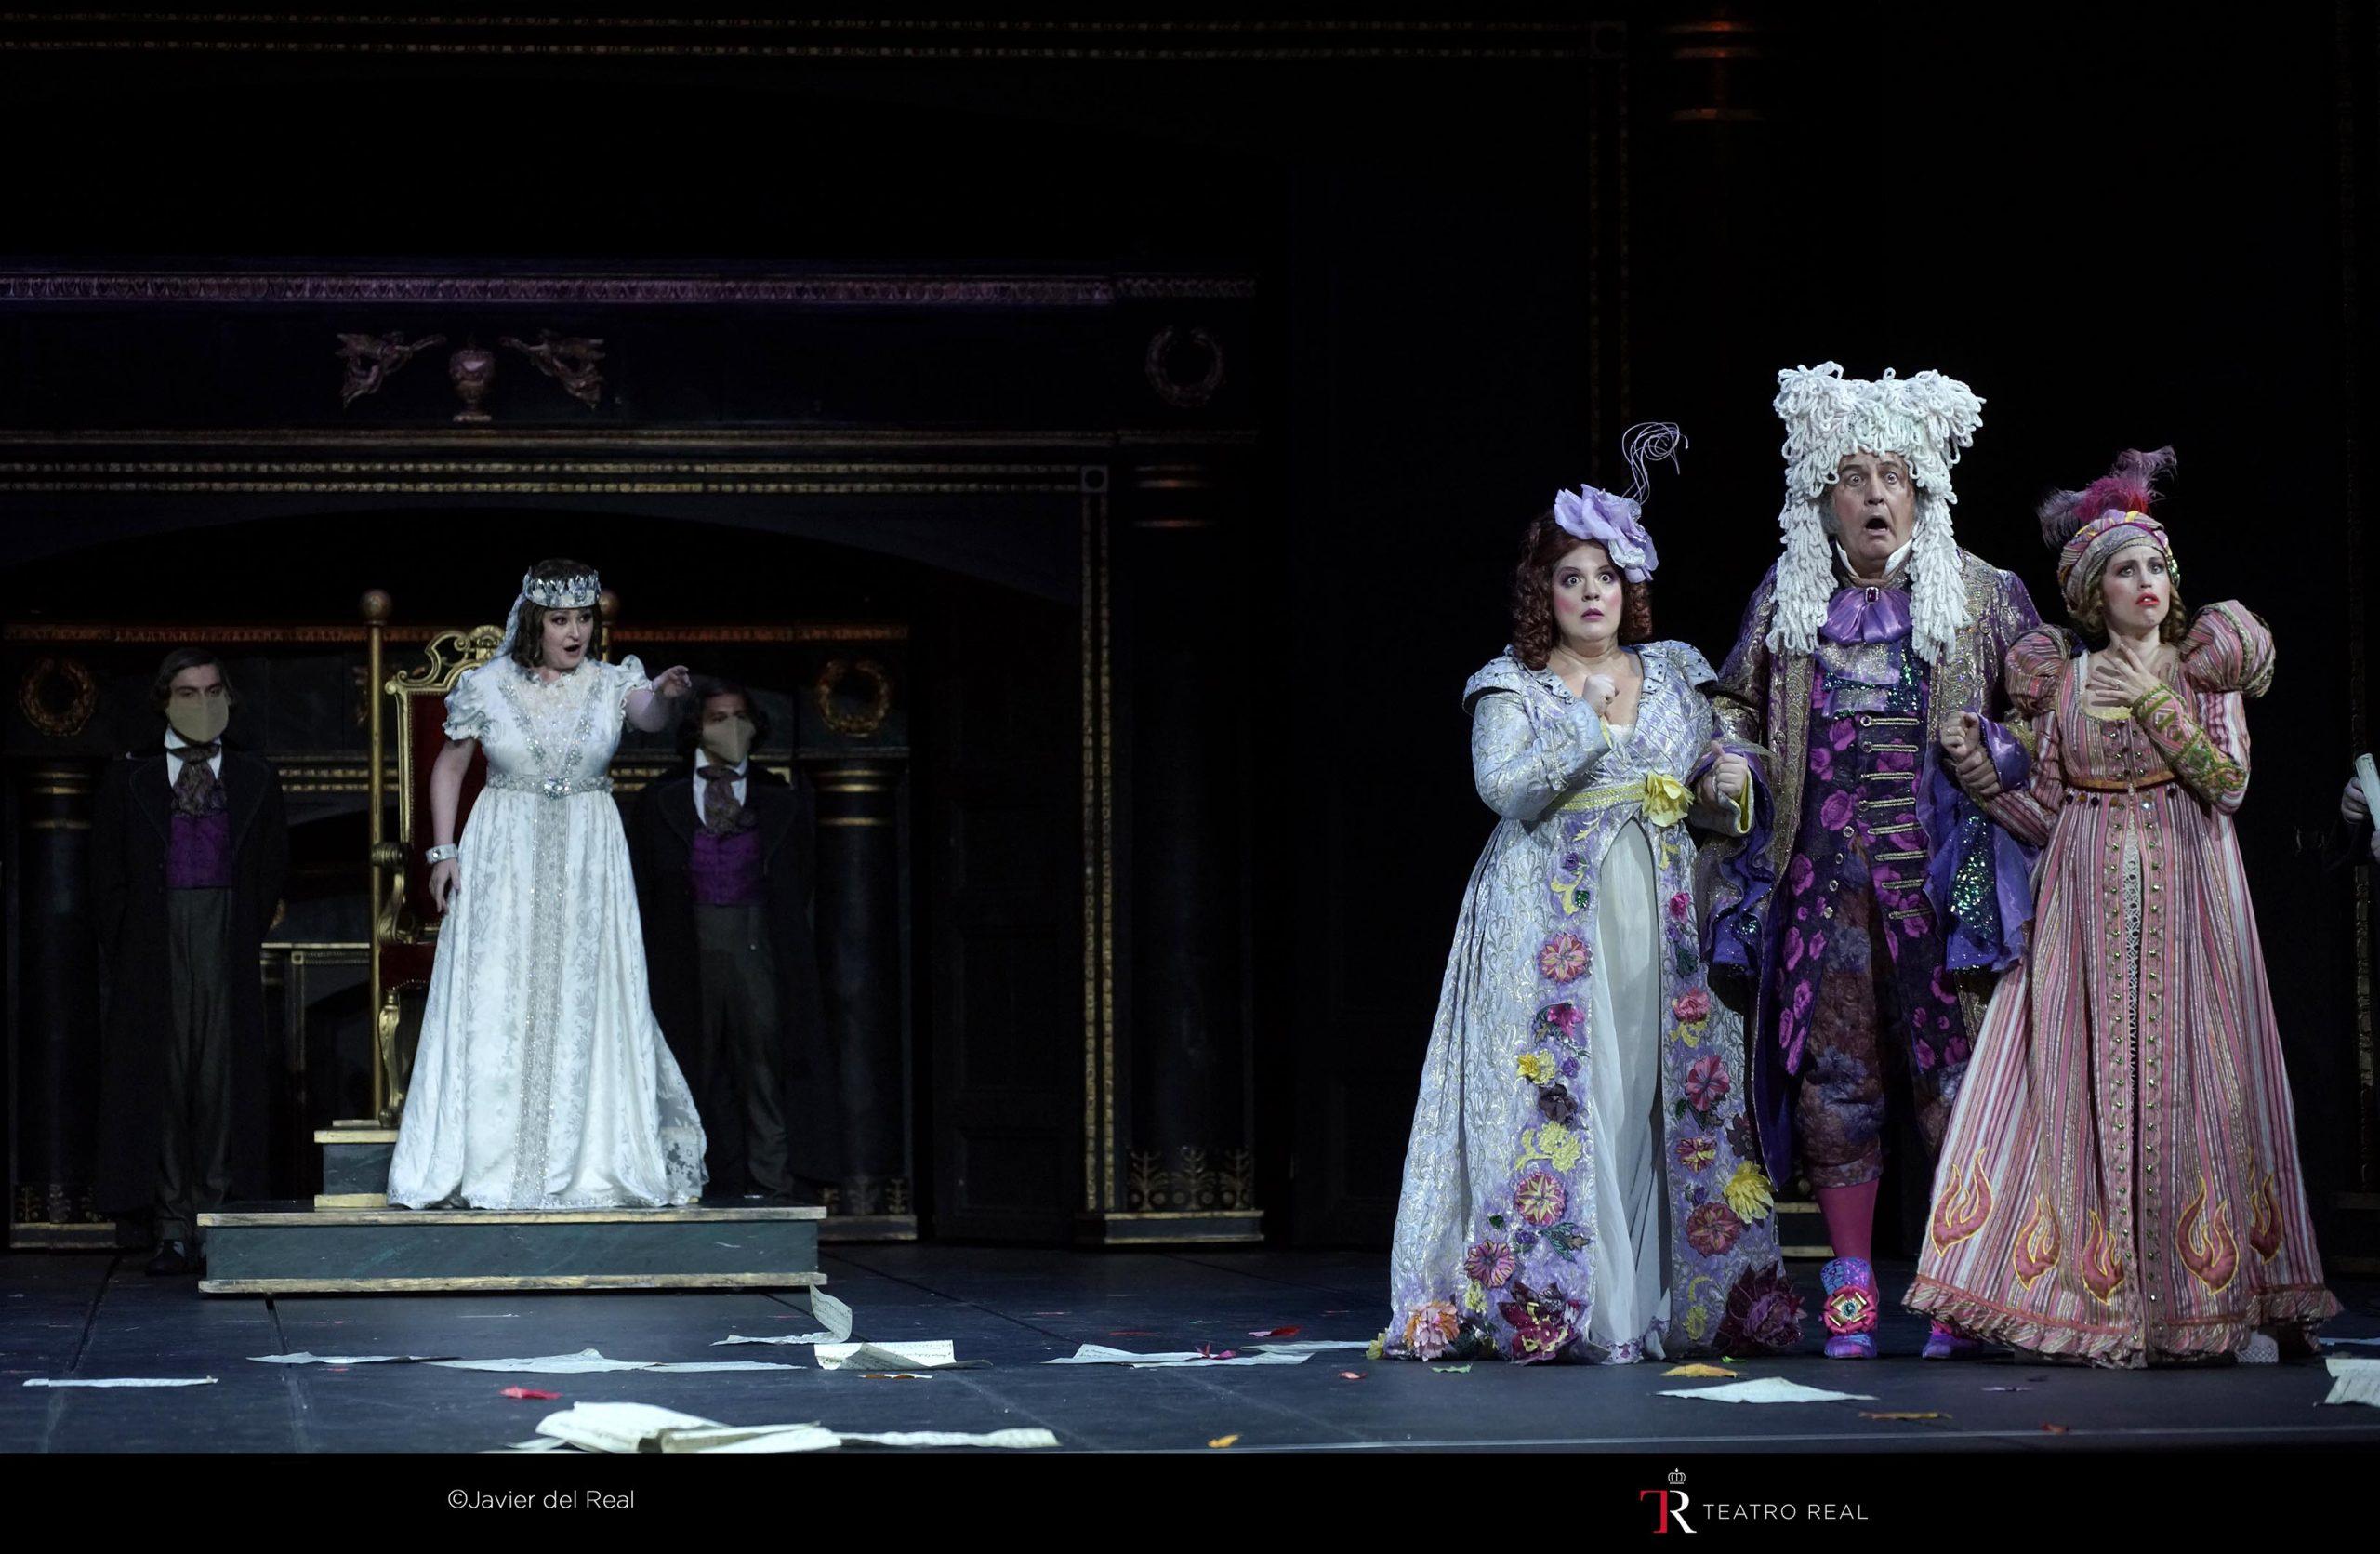 Crítica: La Cenerentola en el Teatro Real. Mucha parodia y poca magia